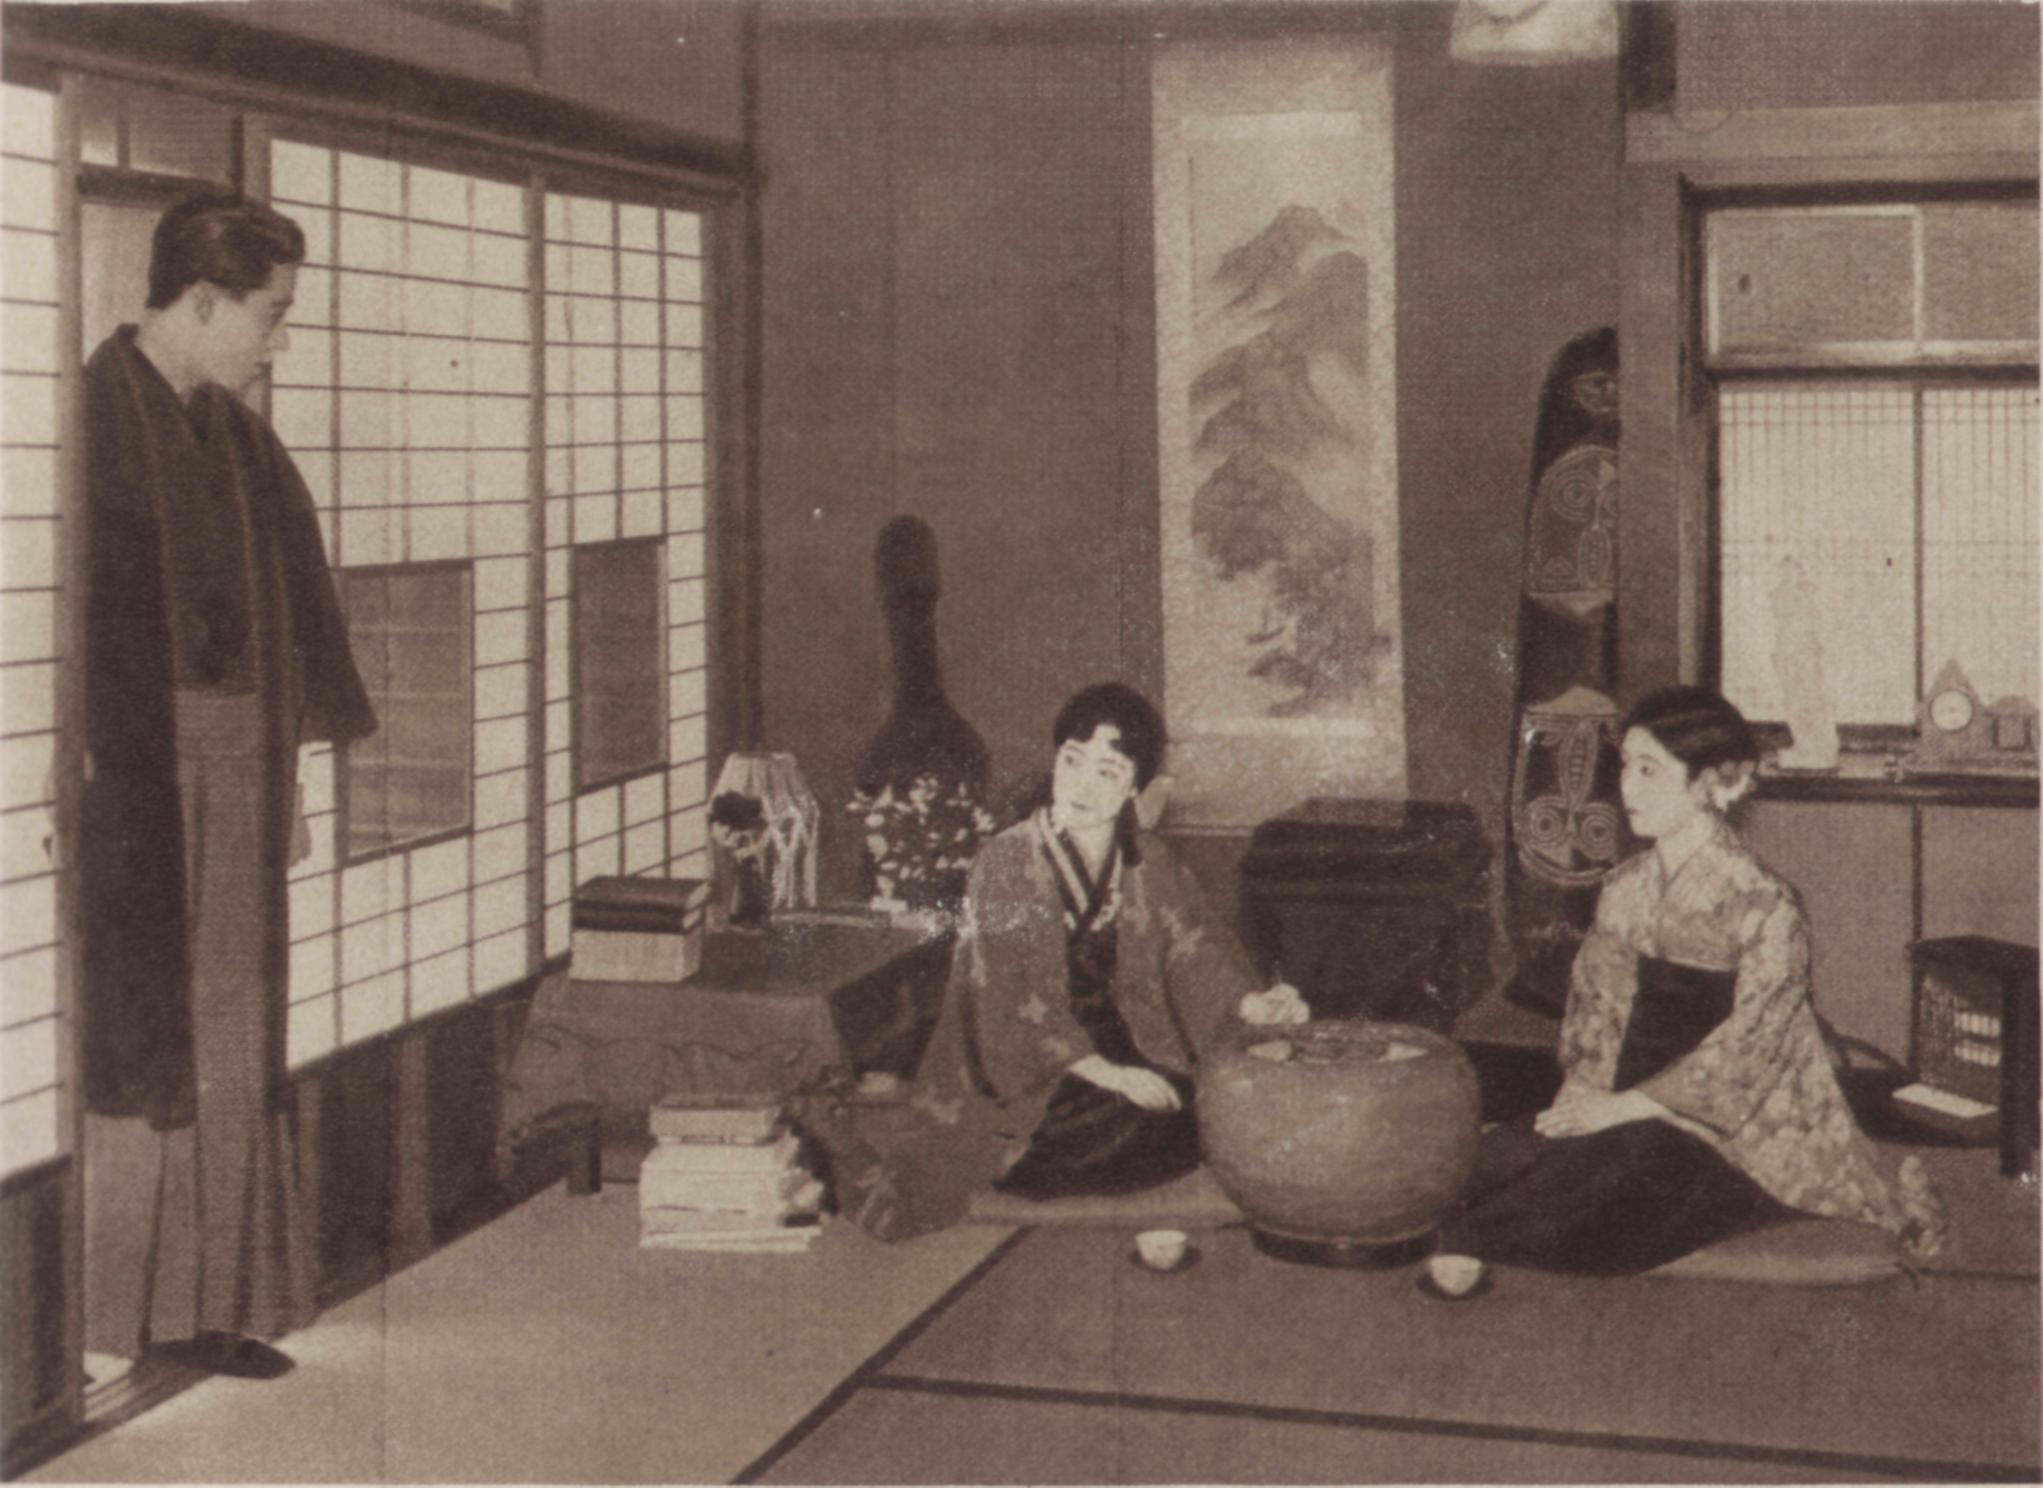 El jap n costumbres y curiosidades de principios del siglo xx for Diseno de interiores siglo xix